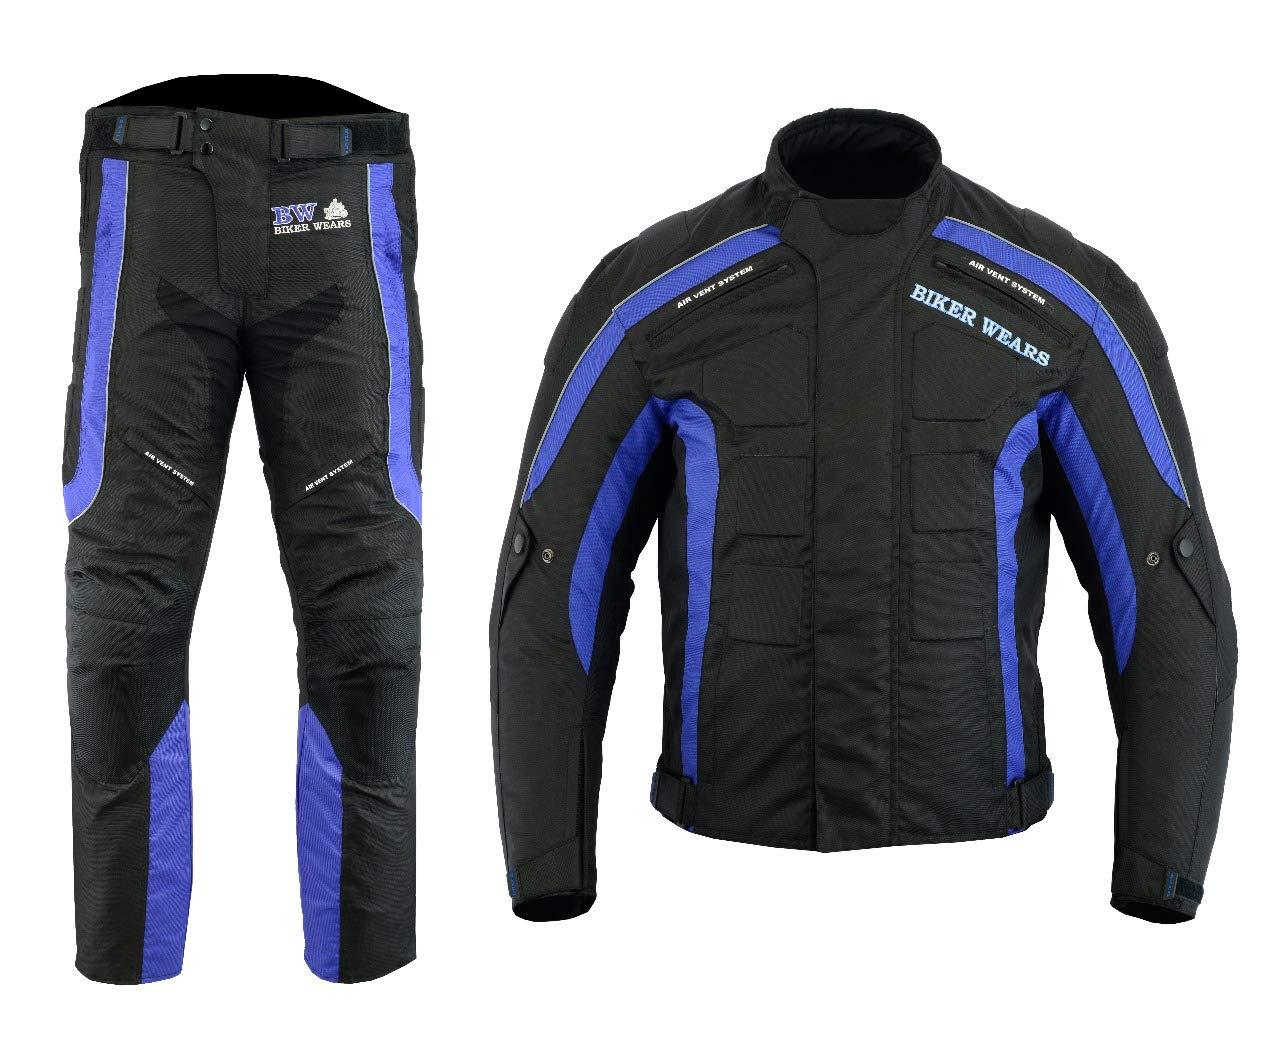 Herren Motorrad Motorrad Wasserdichte Anzug Biker Hosen und Jacke mit abnehmbarer Rü stung Biker Wears Ltd MEN-MOTO-2PC-SUIT-BLUE-BLK-XL